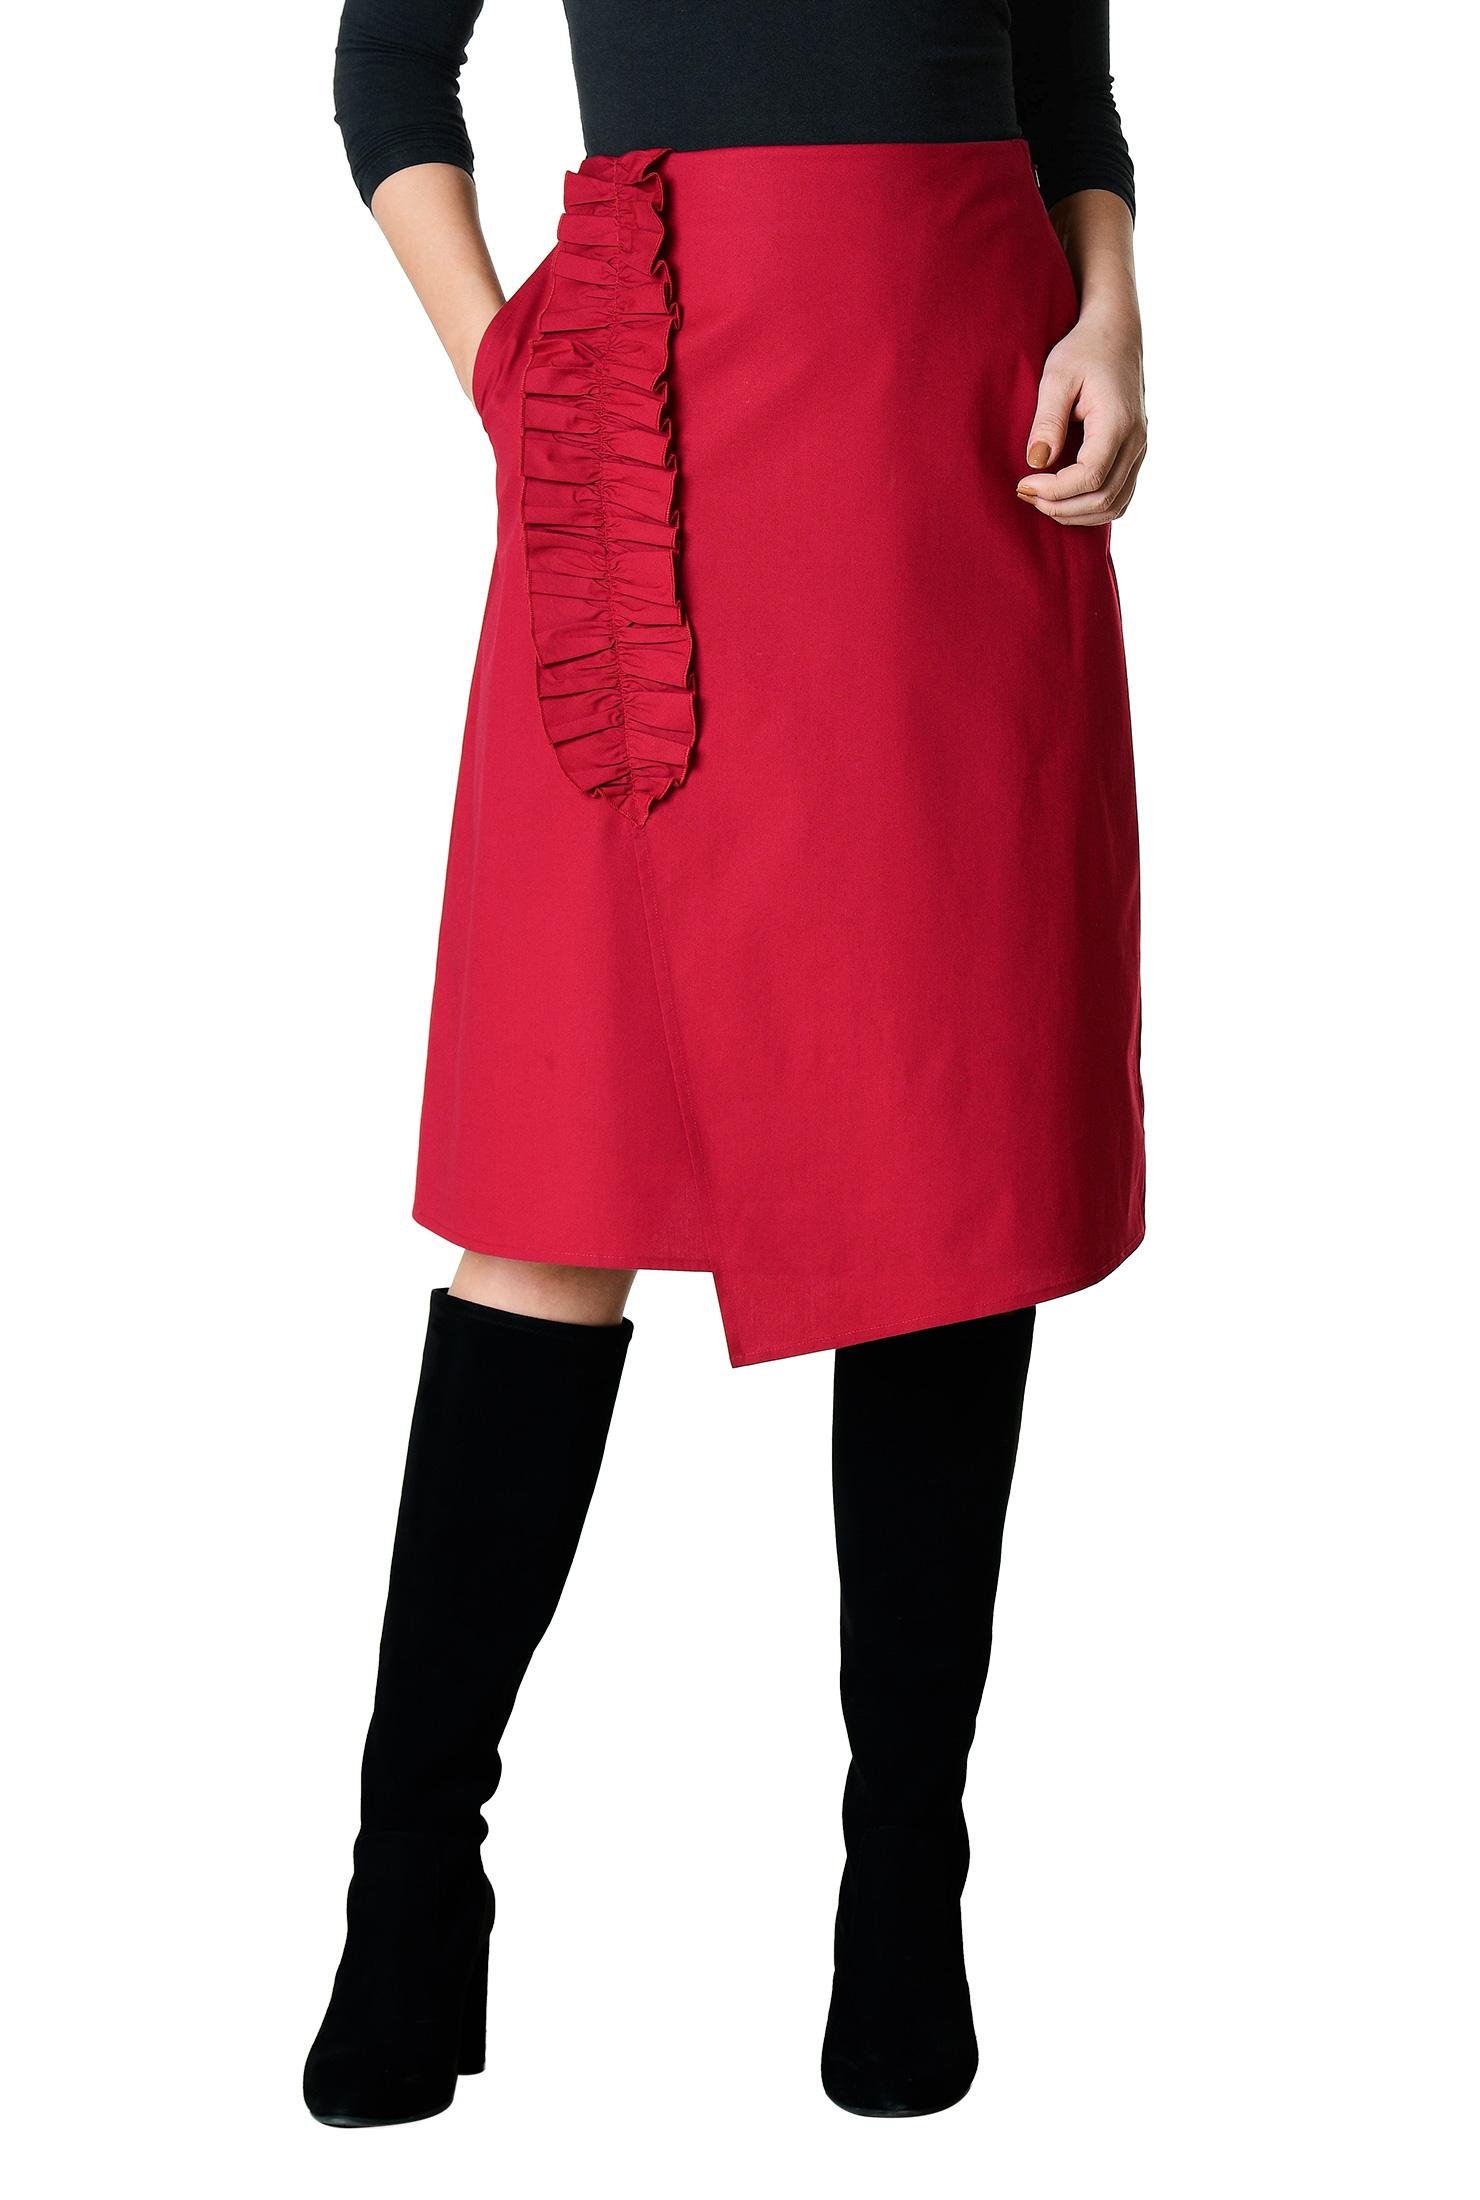 770a12884ddb9 Women s Fashion Clothing 0-36W and Custom